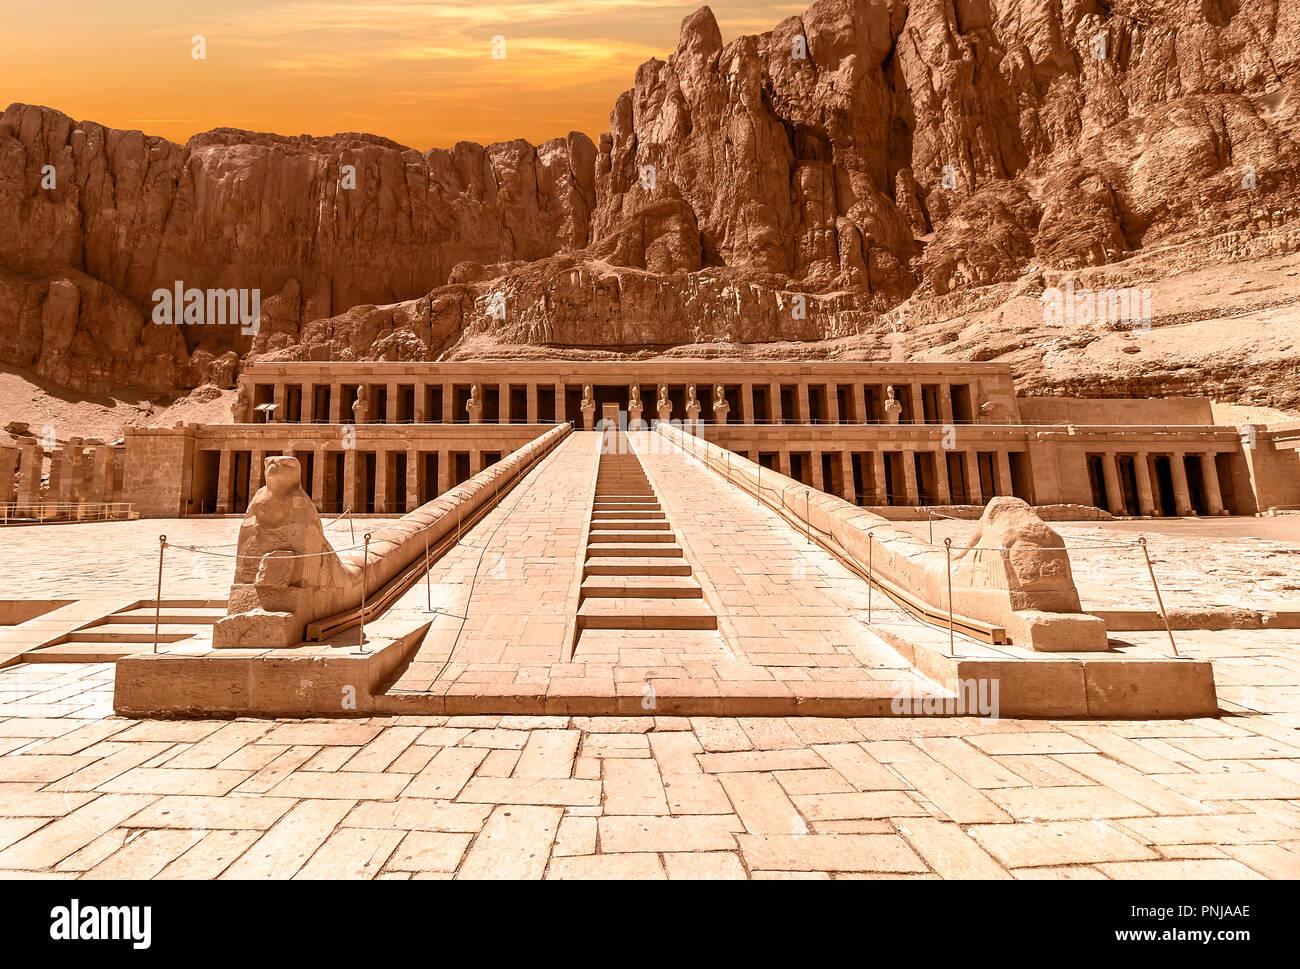 Le temple funéraire d'Hatshepsout, également connu sous le nom de Djeser-Djeseru. Construit pour la dix-huitième dynastie pharaon Hatshepsout Photo Stock